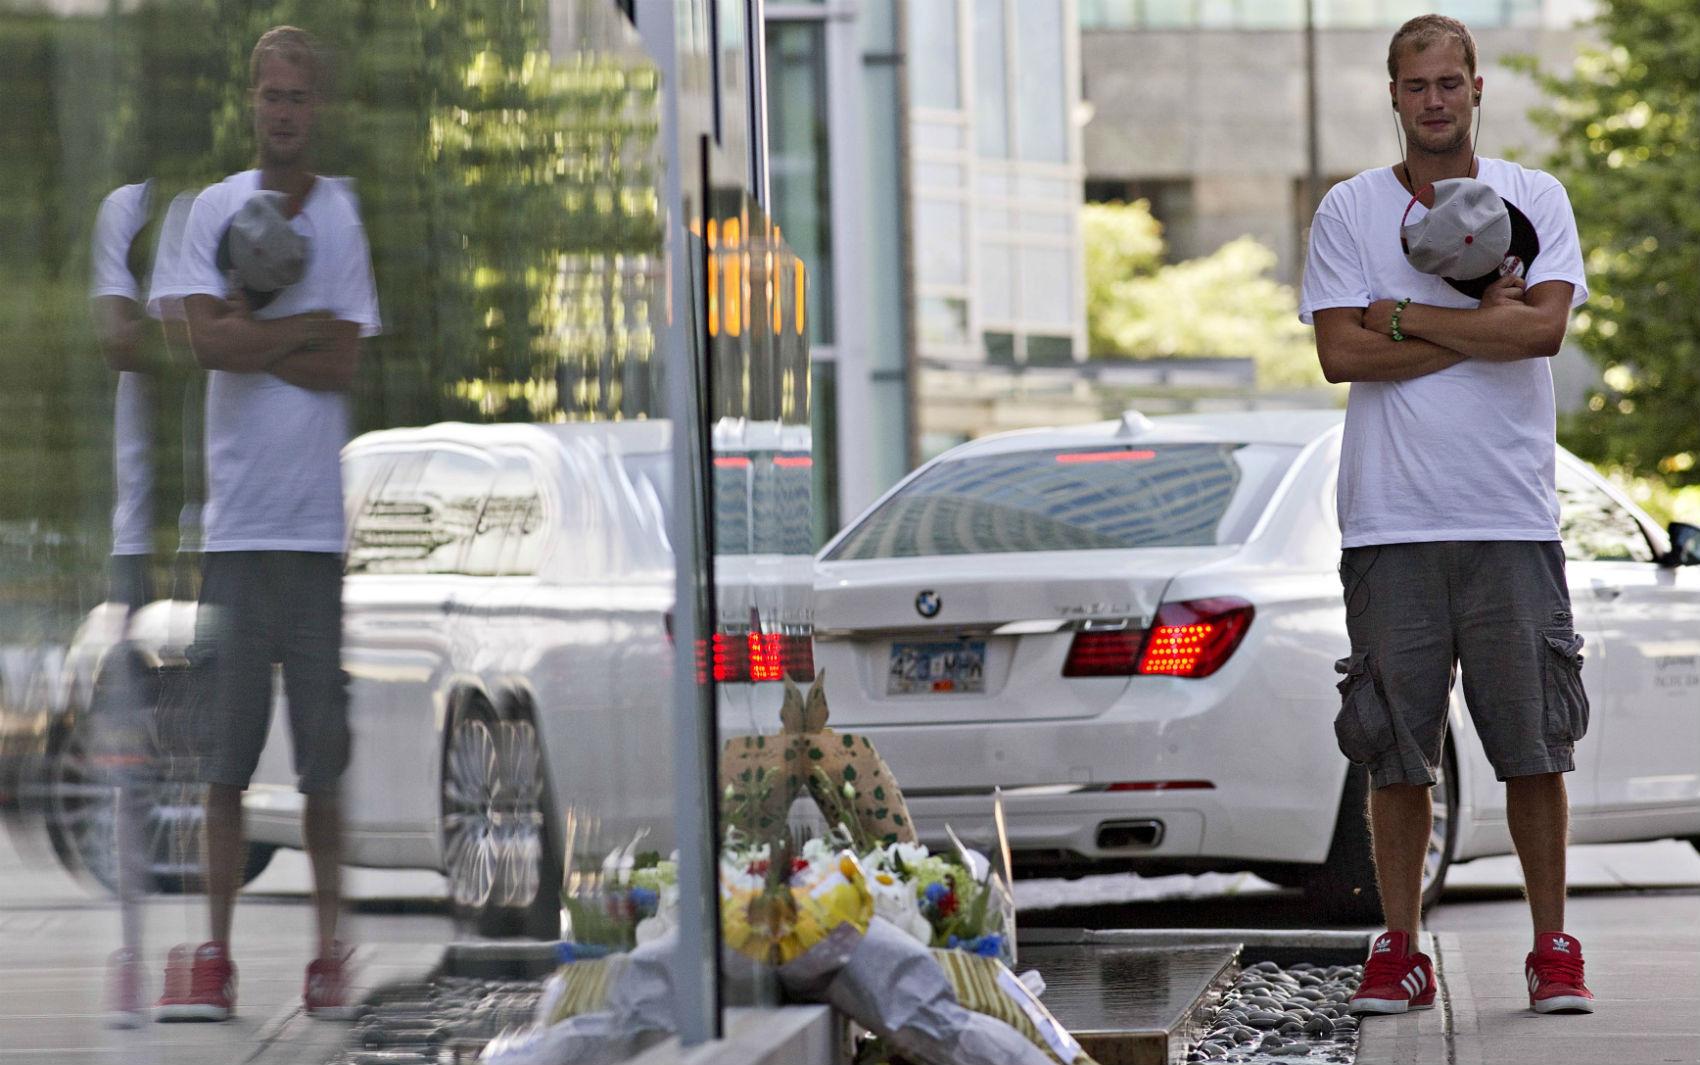 Richard Monteith, primo de Cory Monteith, lamenta morte em frente ao hotel onde o ator foi encontrado morto, no Canadá